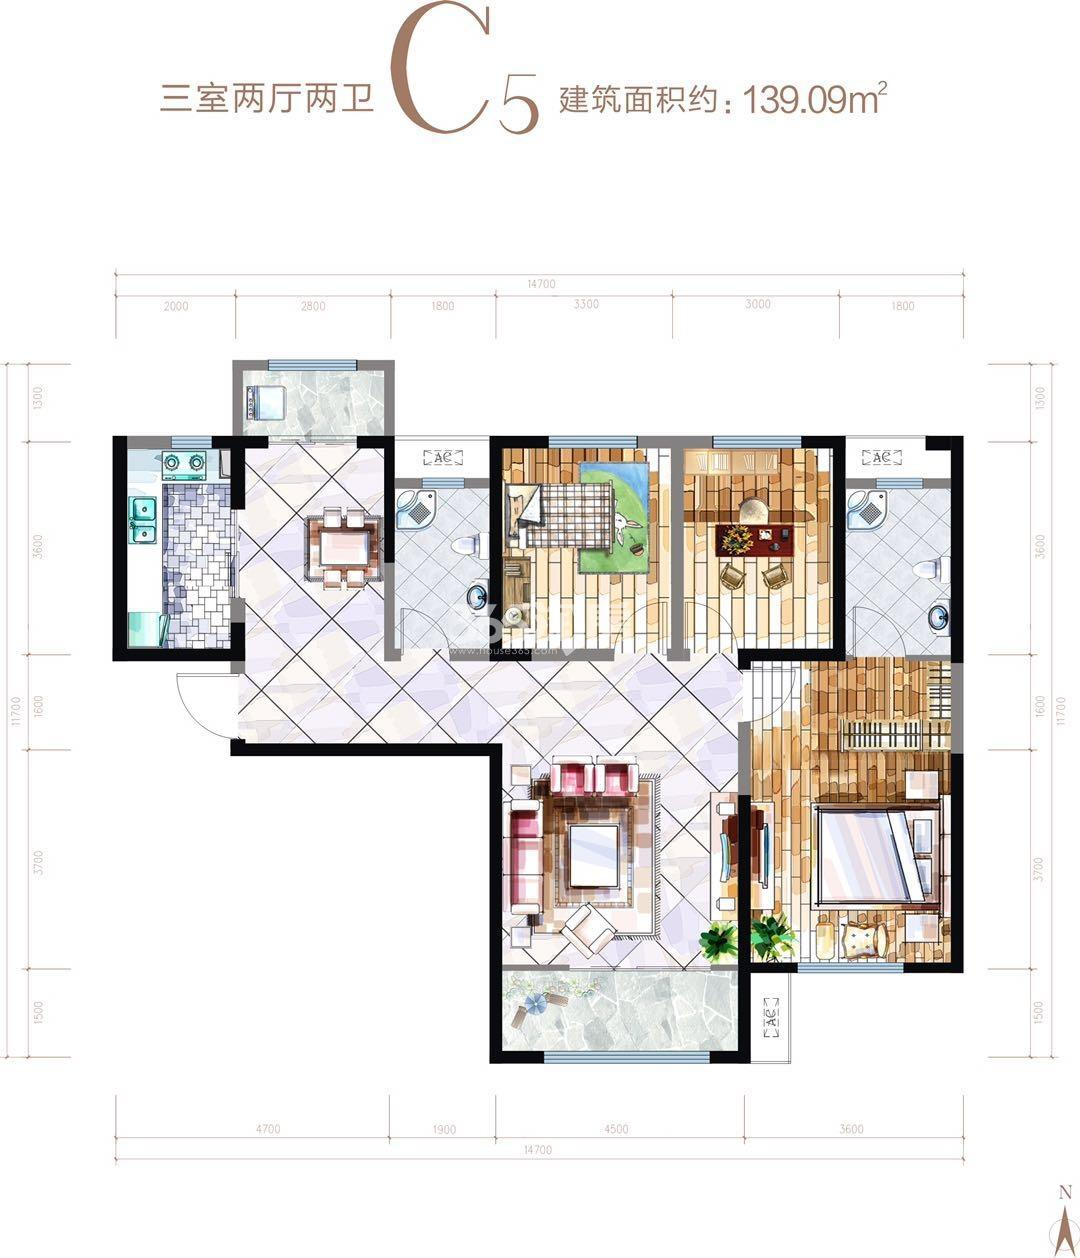 华安紫竹苑C5三室两厅一厨两卫139.09㎡